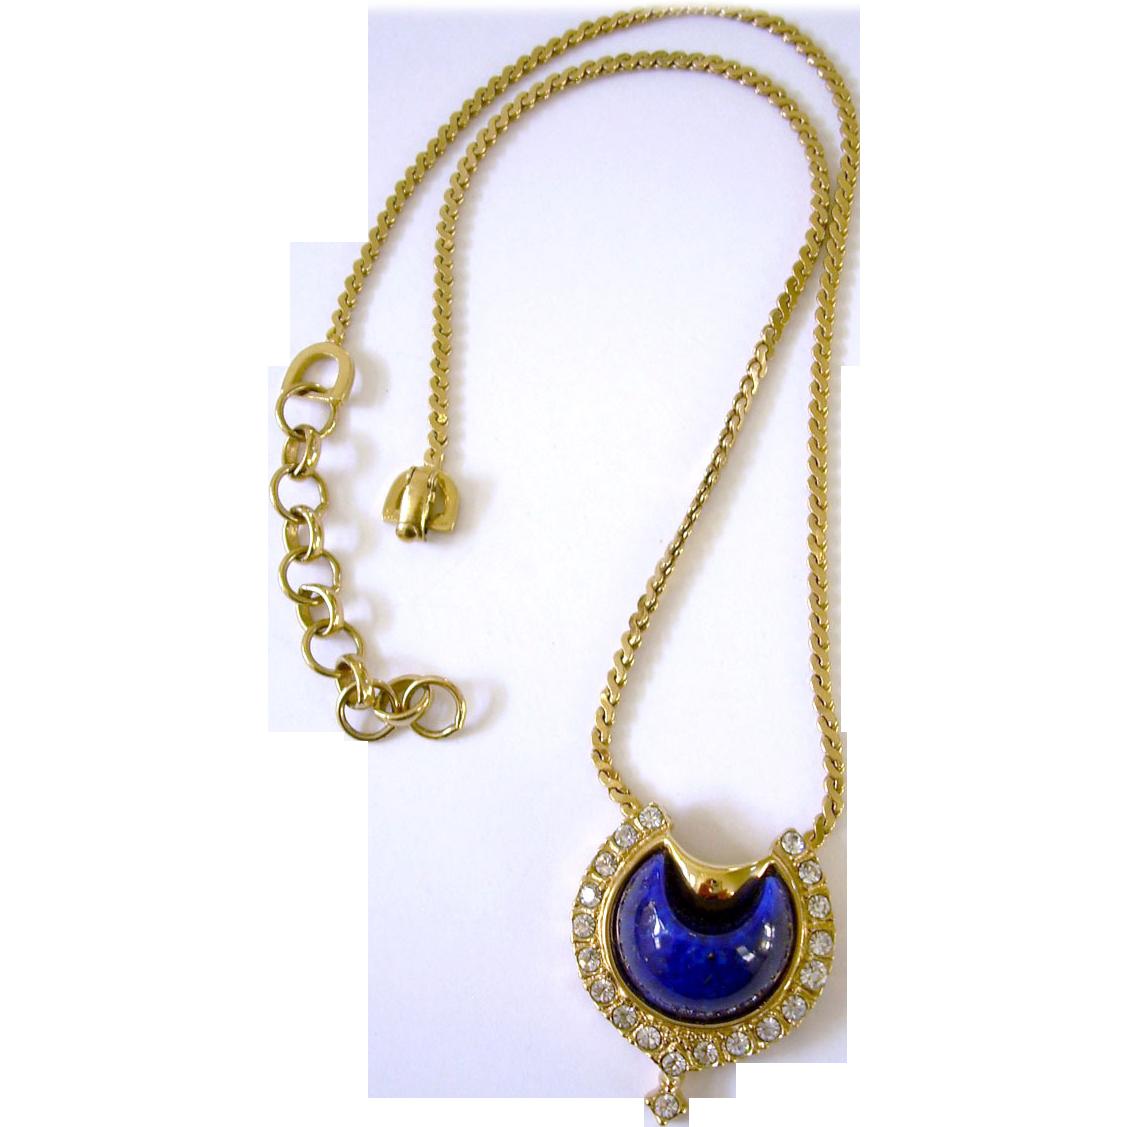 Bijoux Vintage Dior : Dior crescent blue moon necklace faux lapis with